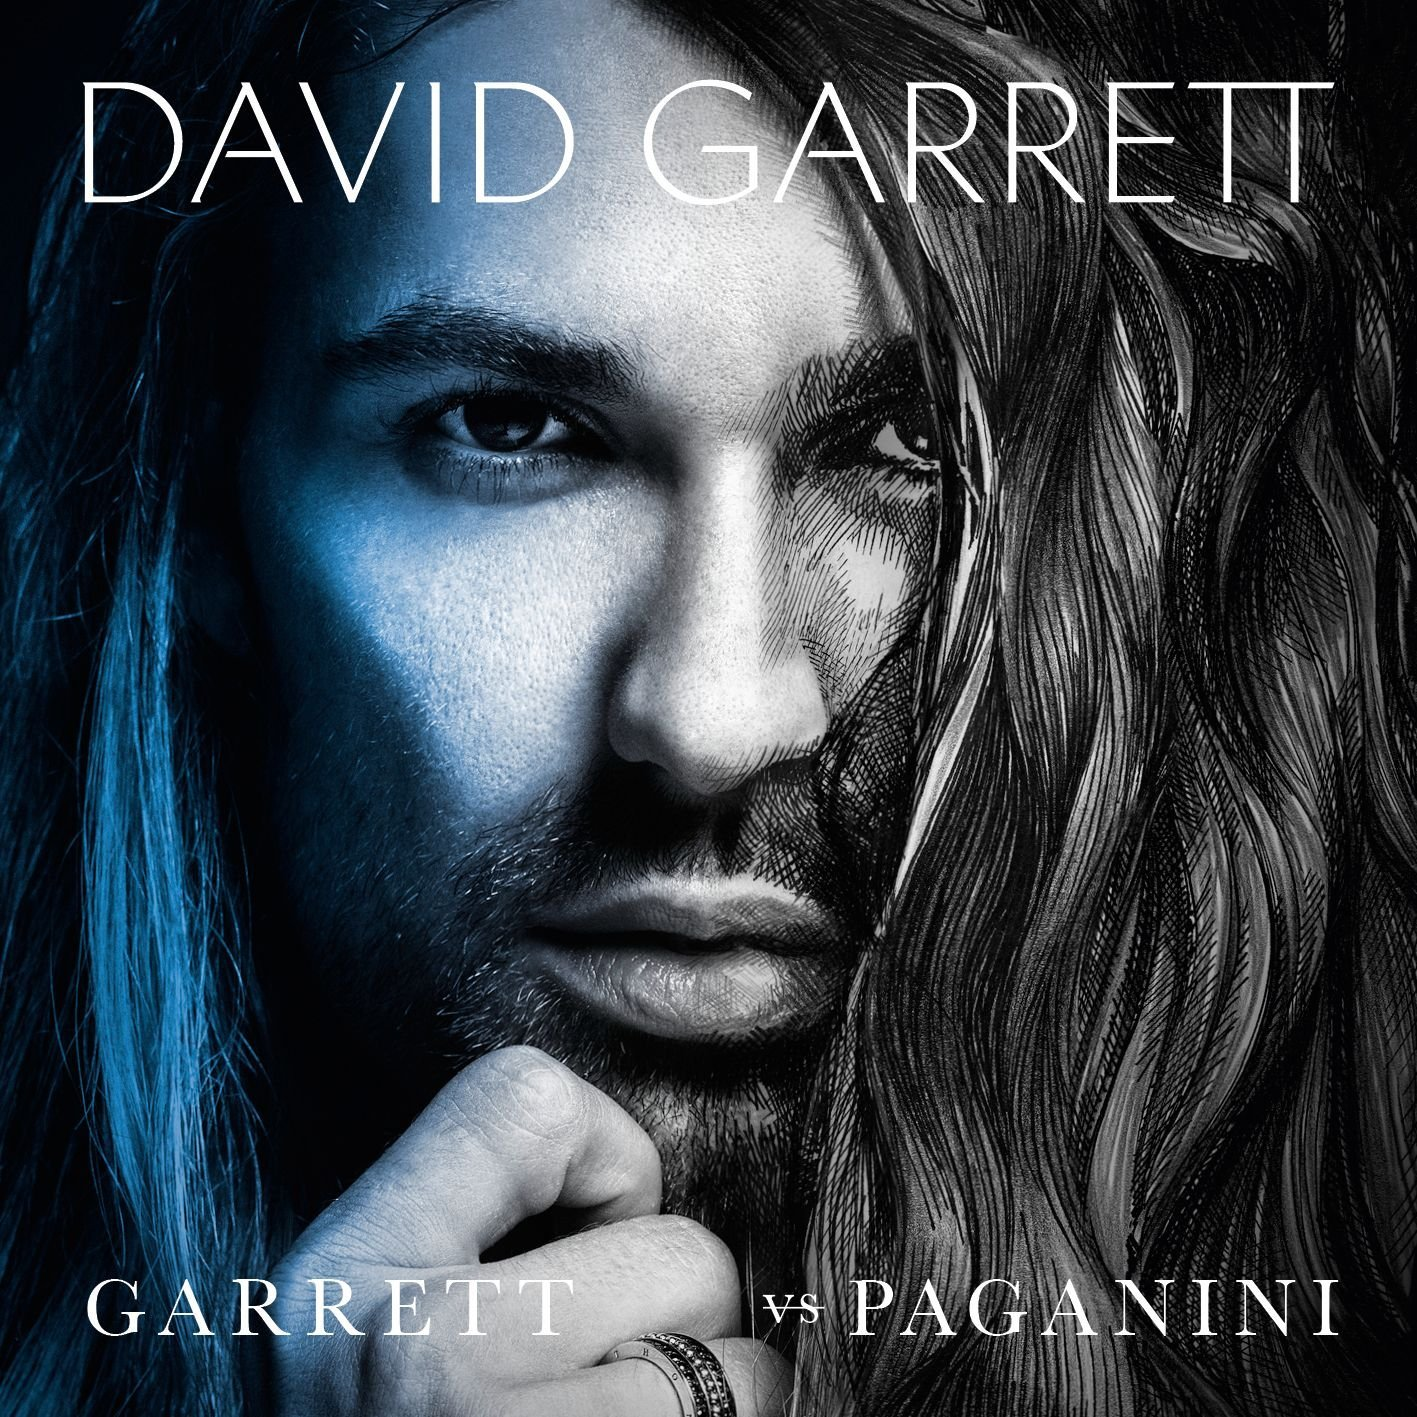 Album Garrett vs. Paganini 2013 – David Garrett